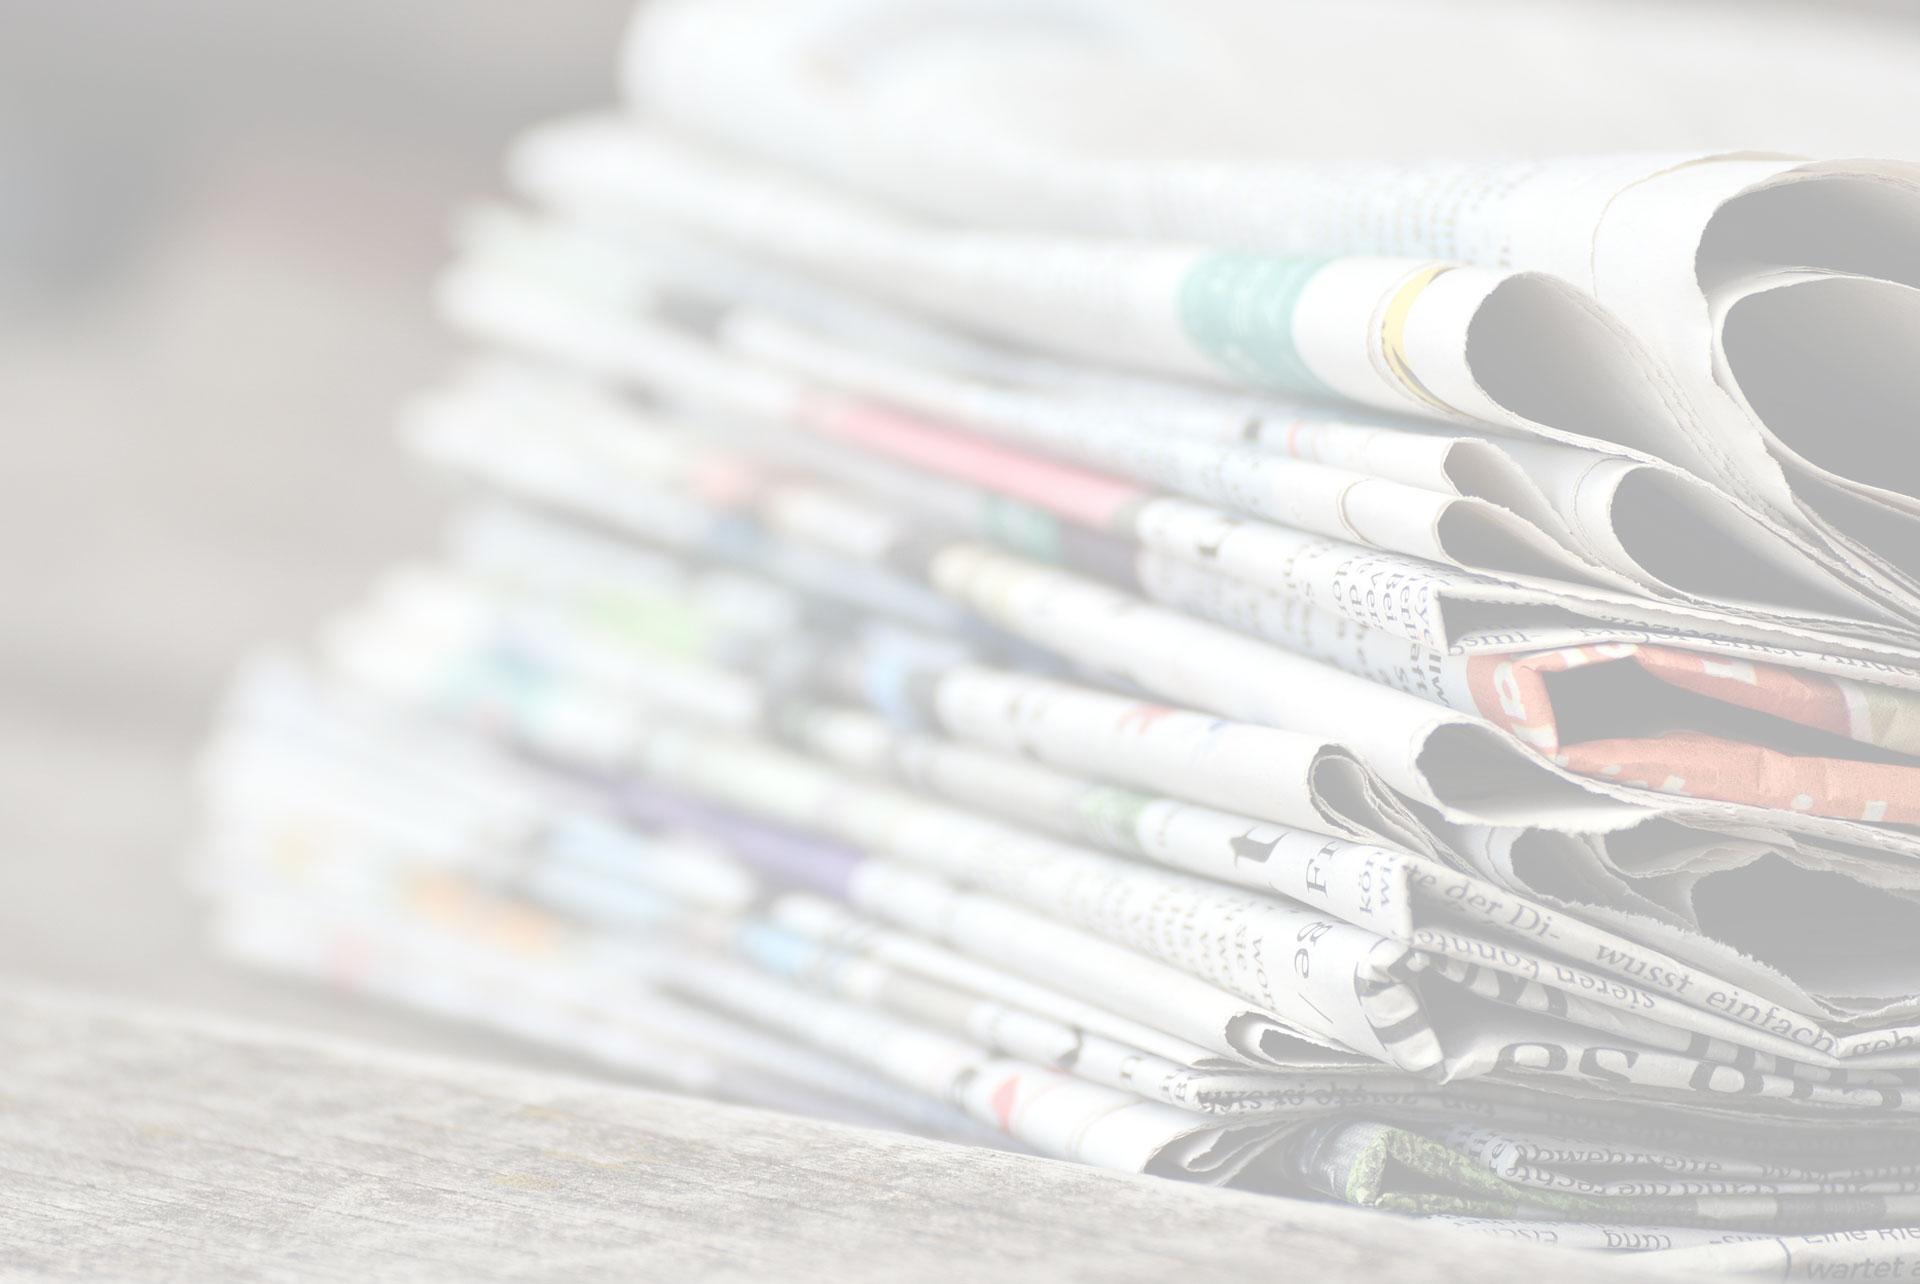 Virginio Merola Sindaco di Bologna